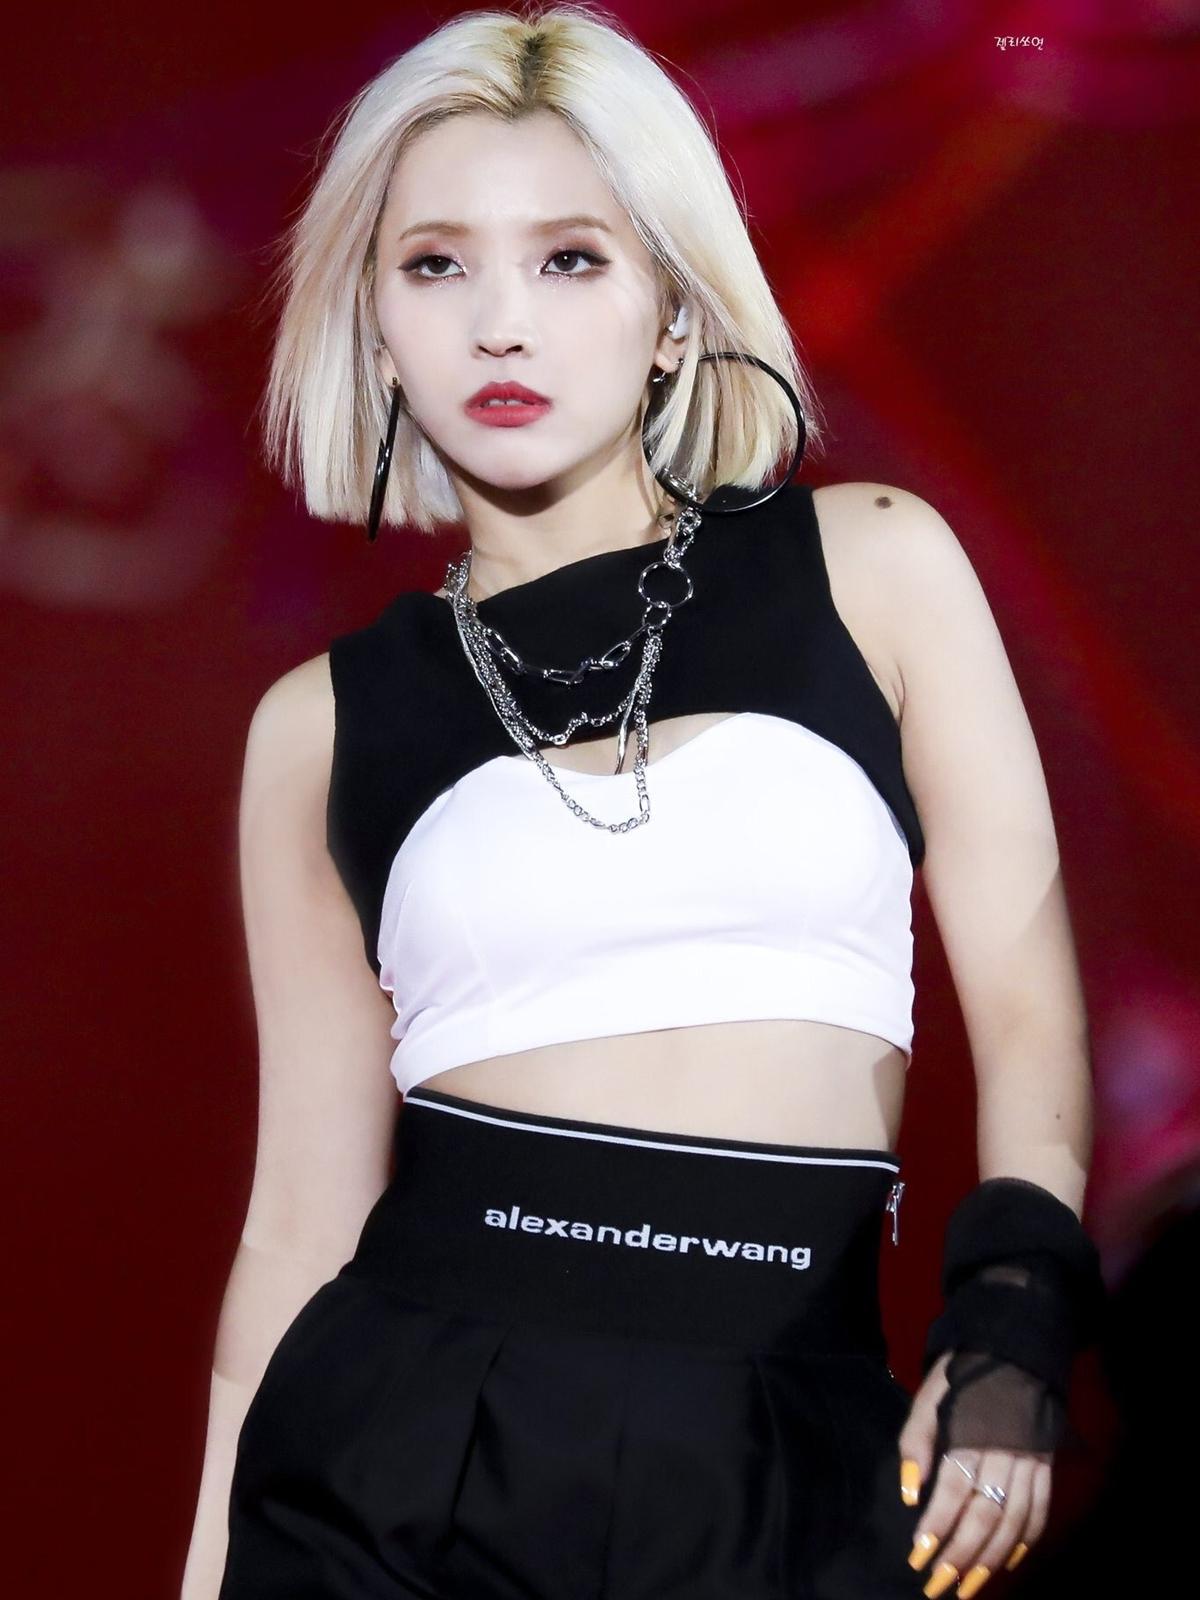 So Yeon có vẻ đẹp cá tính độc lạ, trong đó đôi môi hình tam giác là điểm nhấn cuốn hút trên gương mặt trưởng nhóm (G)I-DLE.